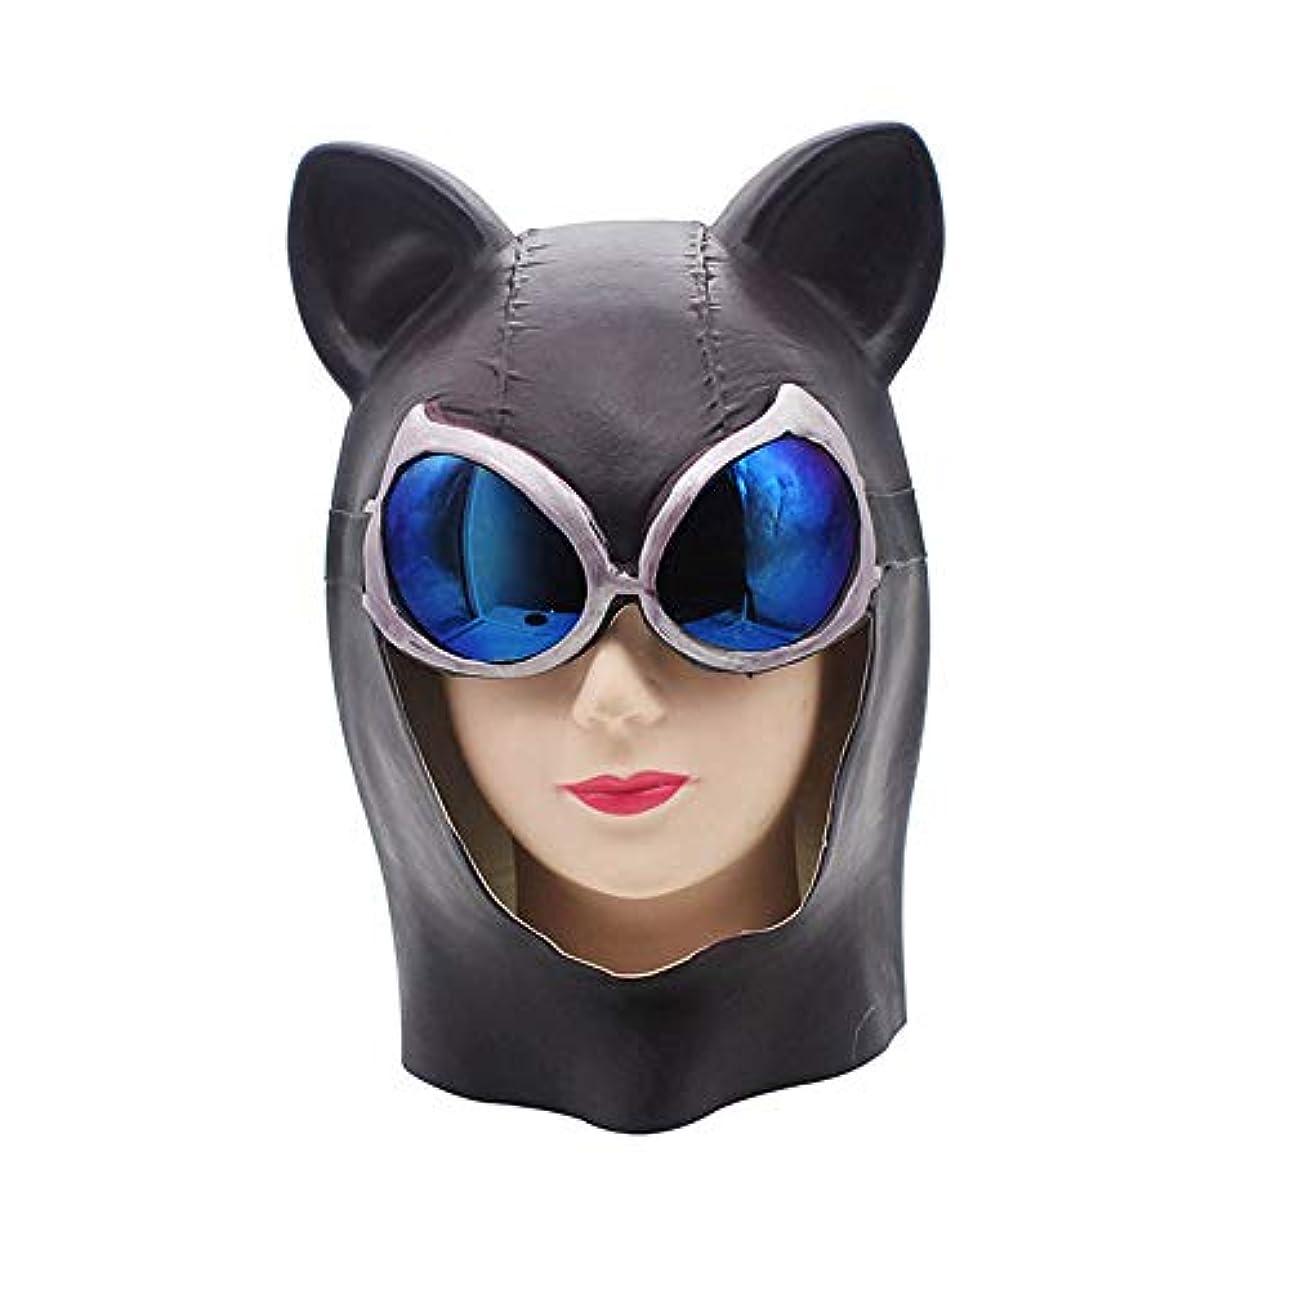 書士現象閉じるHzpxsb ハロウィンホラーマスク ヘッドギア プロムマスク ファンシードレスマスク